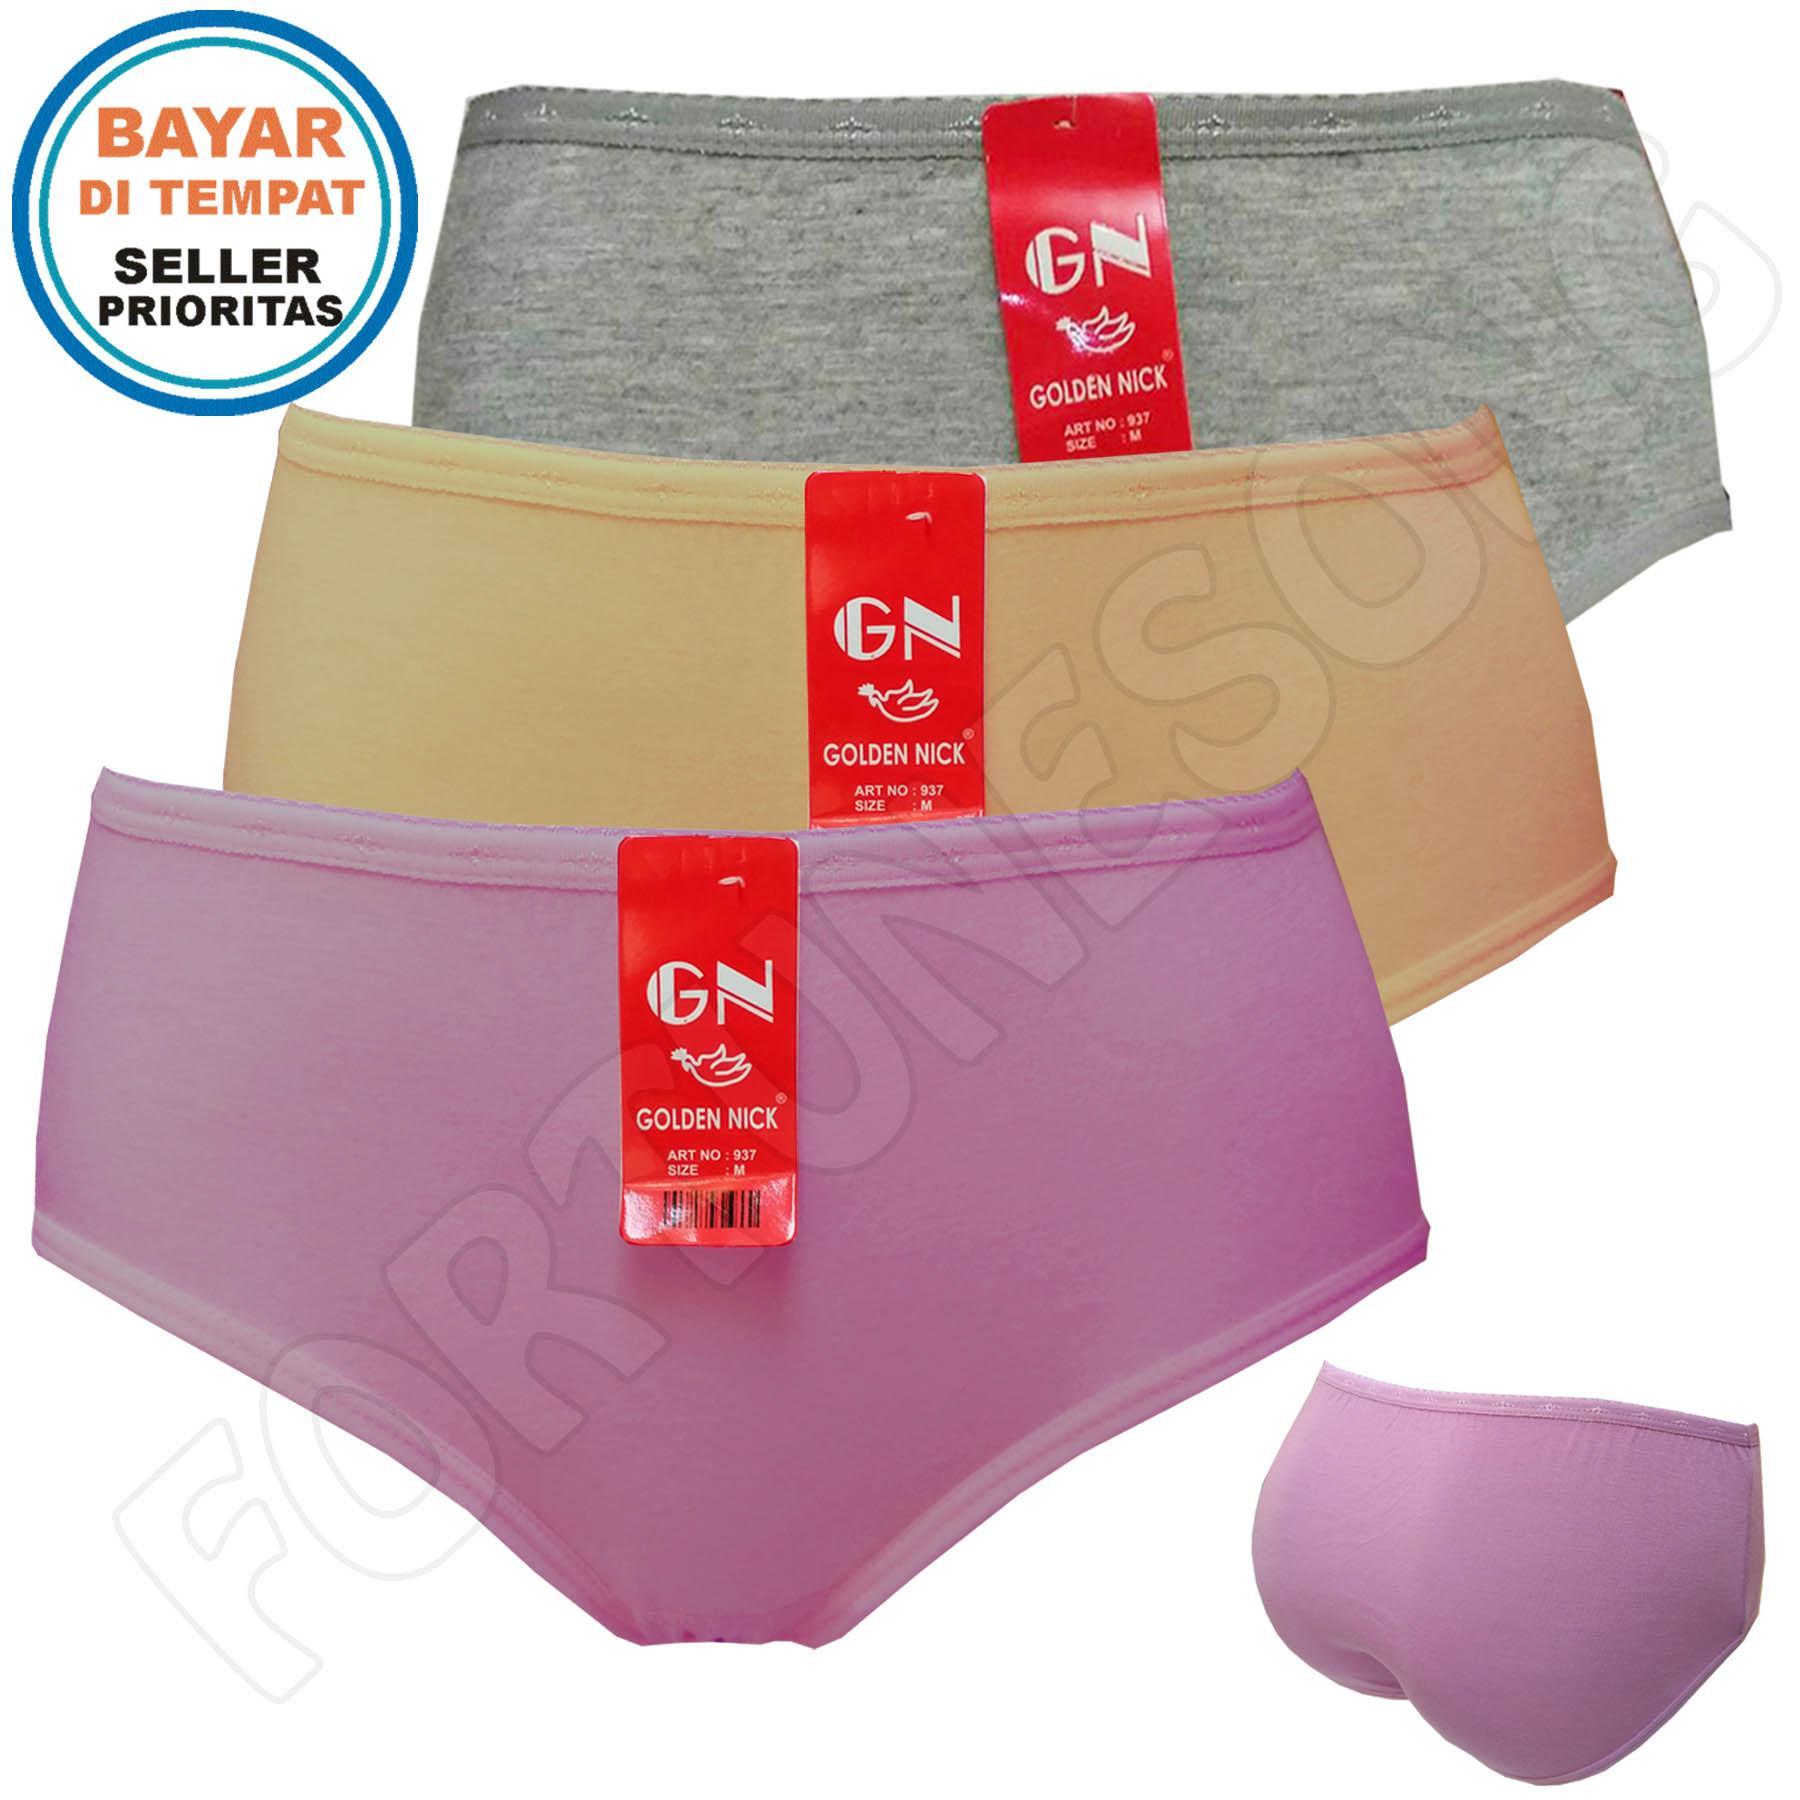 Celana Dalam Wanita Boxer Pria Import Super Soft 3pcs Golden Nick Harga Grosir Multicolor